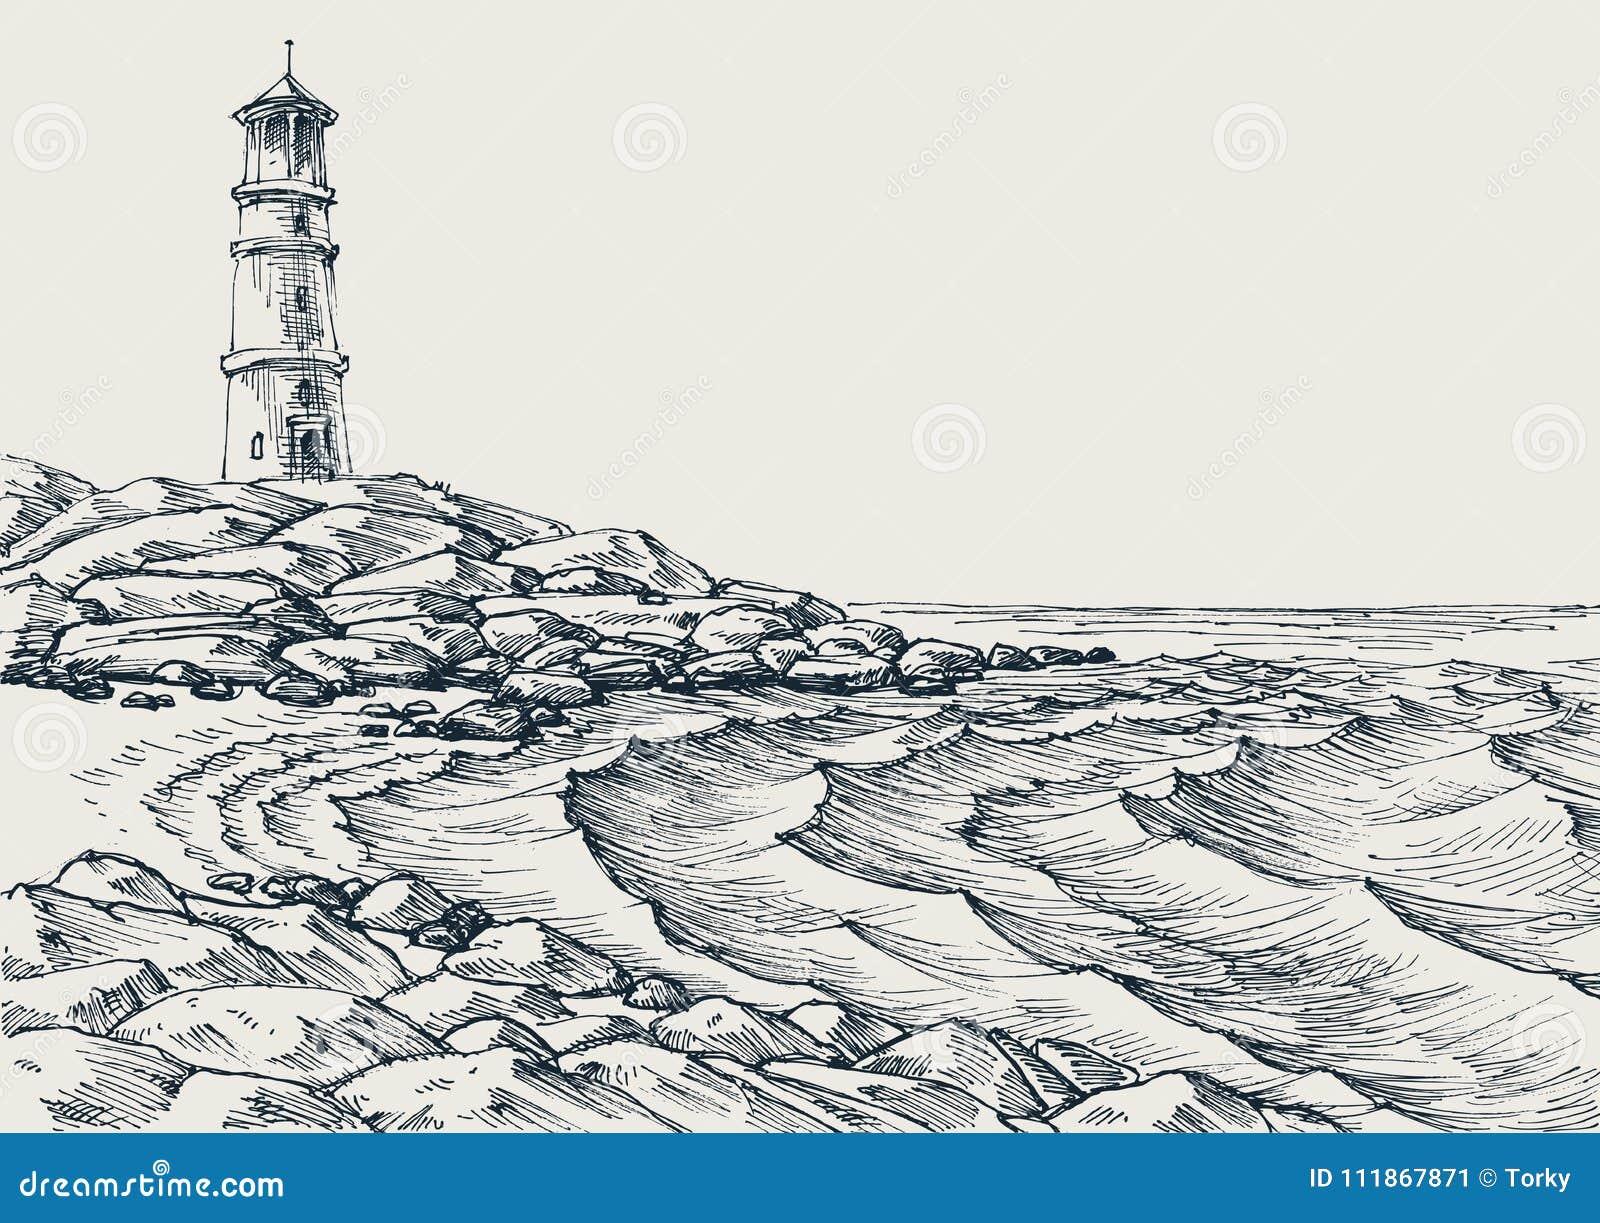 Dessin de vagues de bord de mer et de mer illustration de - Dessin bord de mer ...